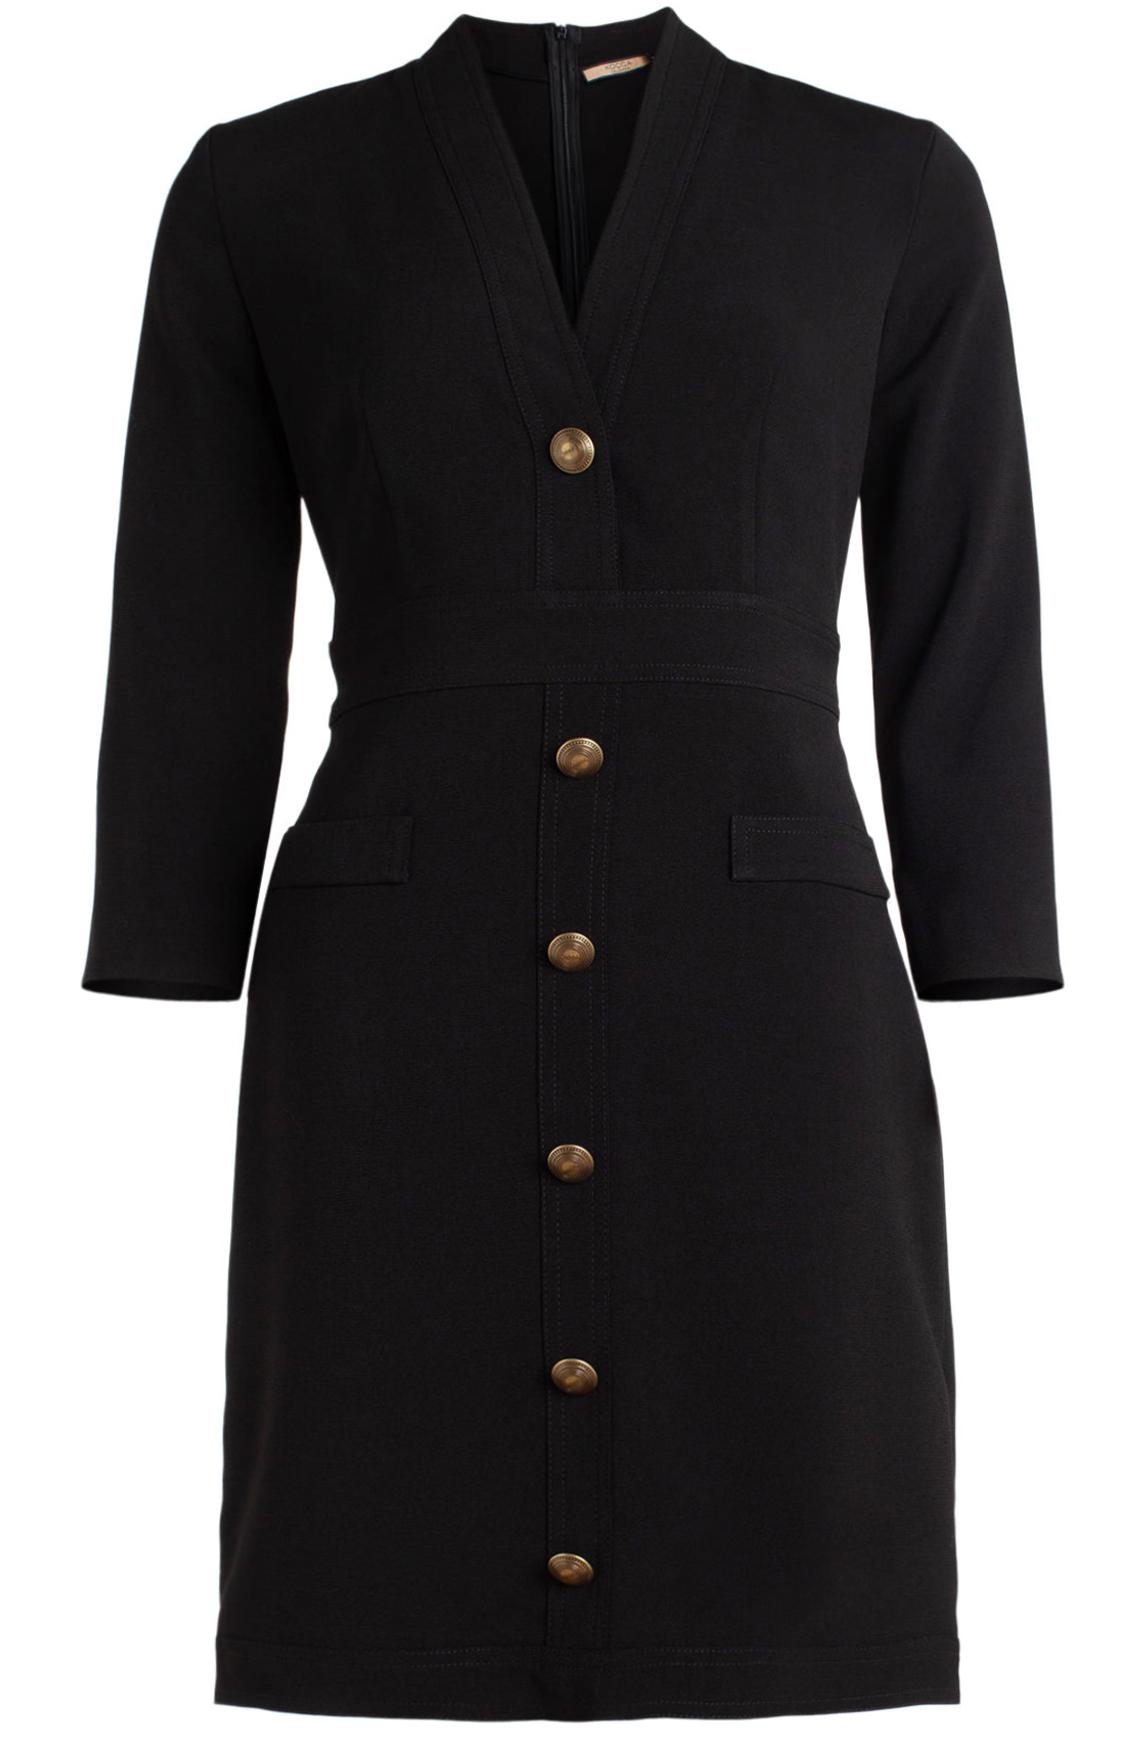 Kocca Dames Roudy jurk zwart